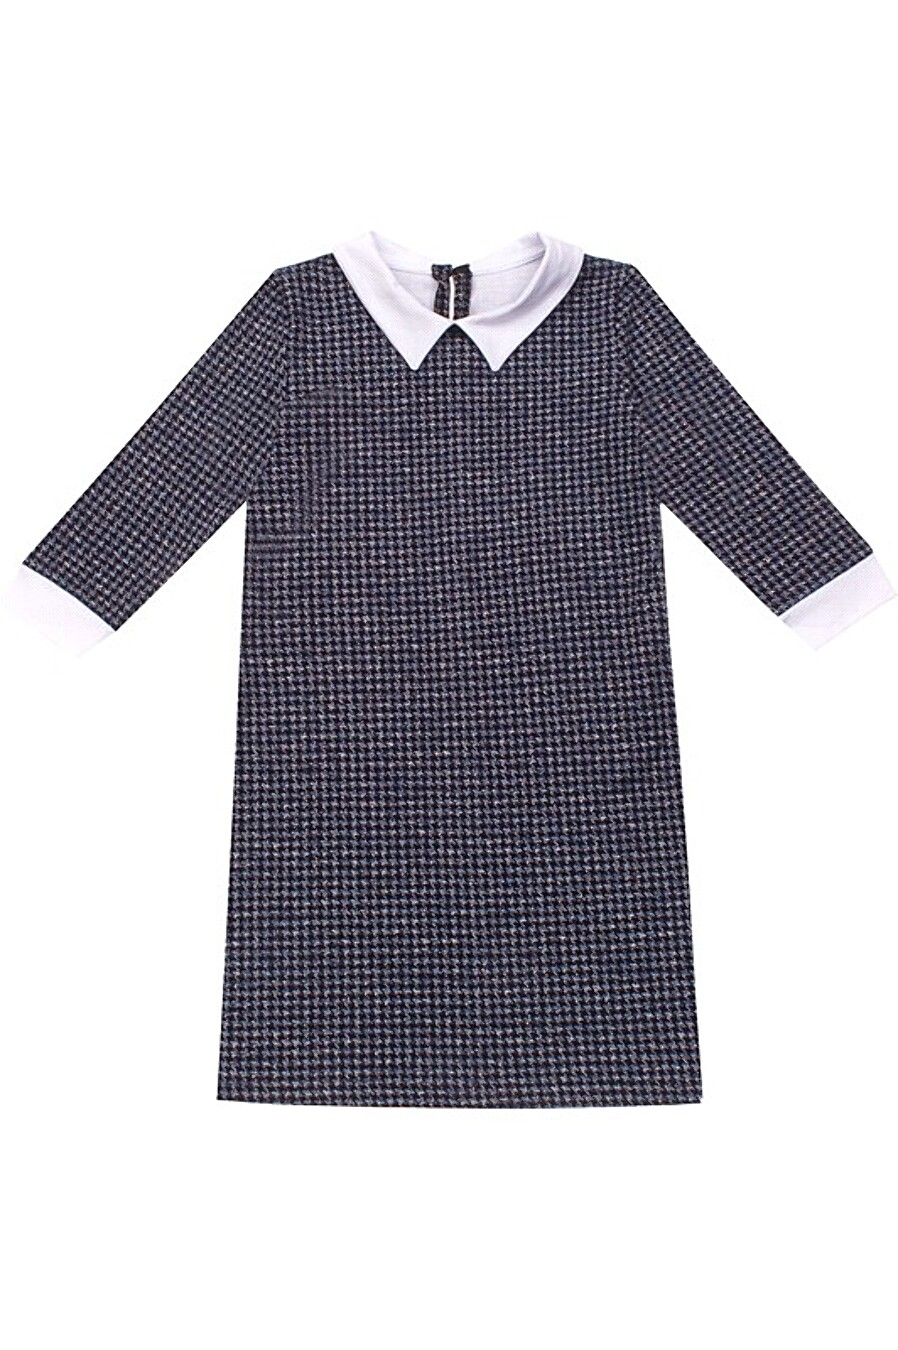 Платье для девочек Archi 158545 купить оптом от производителя. Совместная покупка детской одежды в OptMoyo